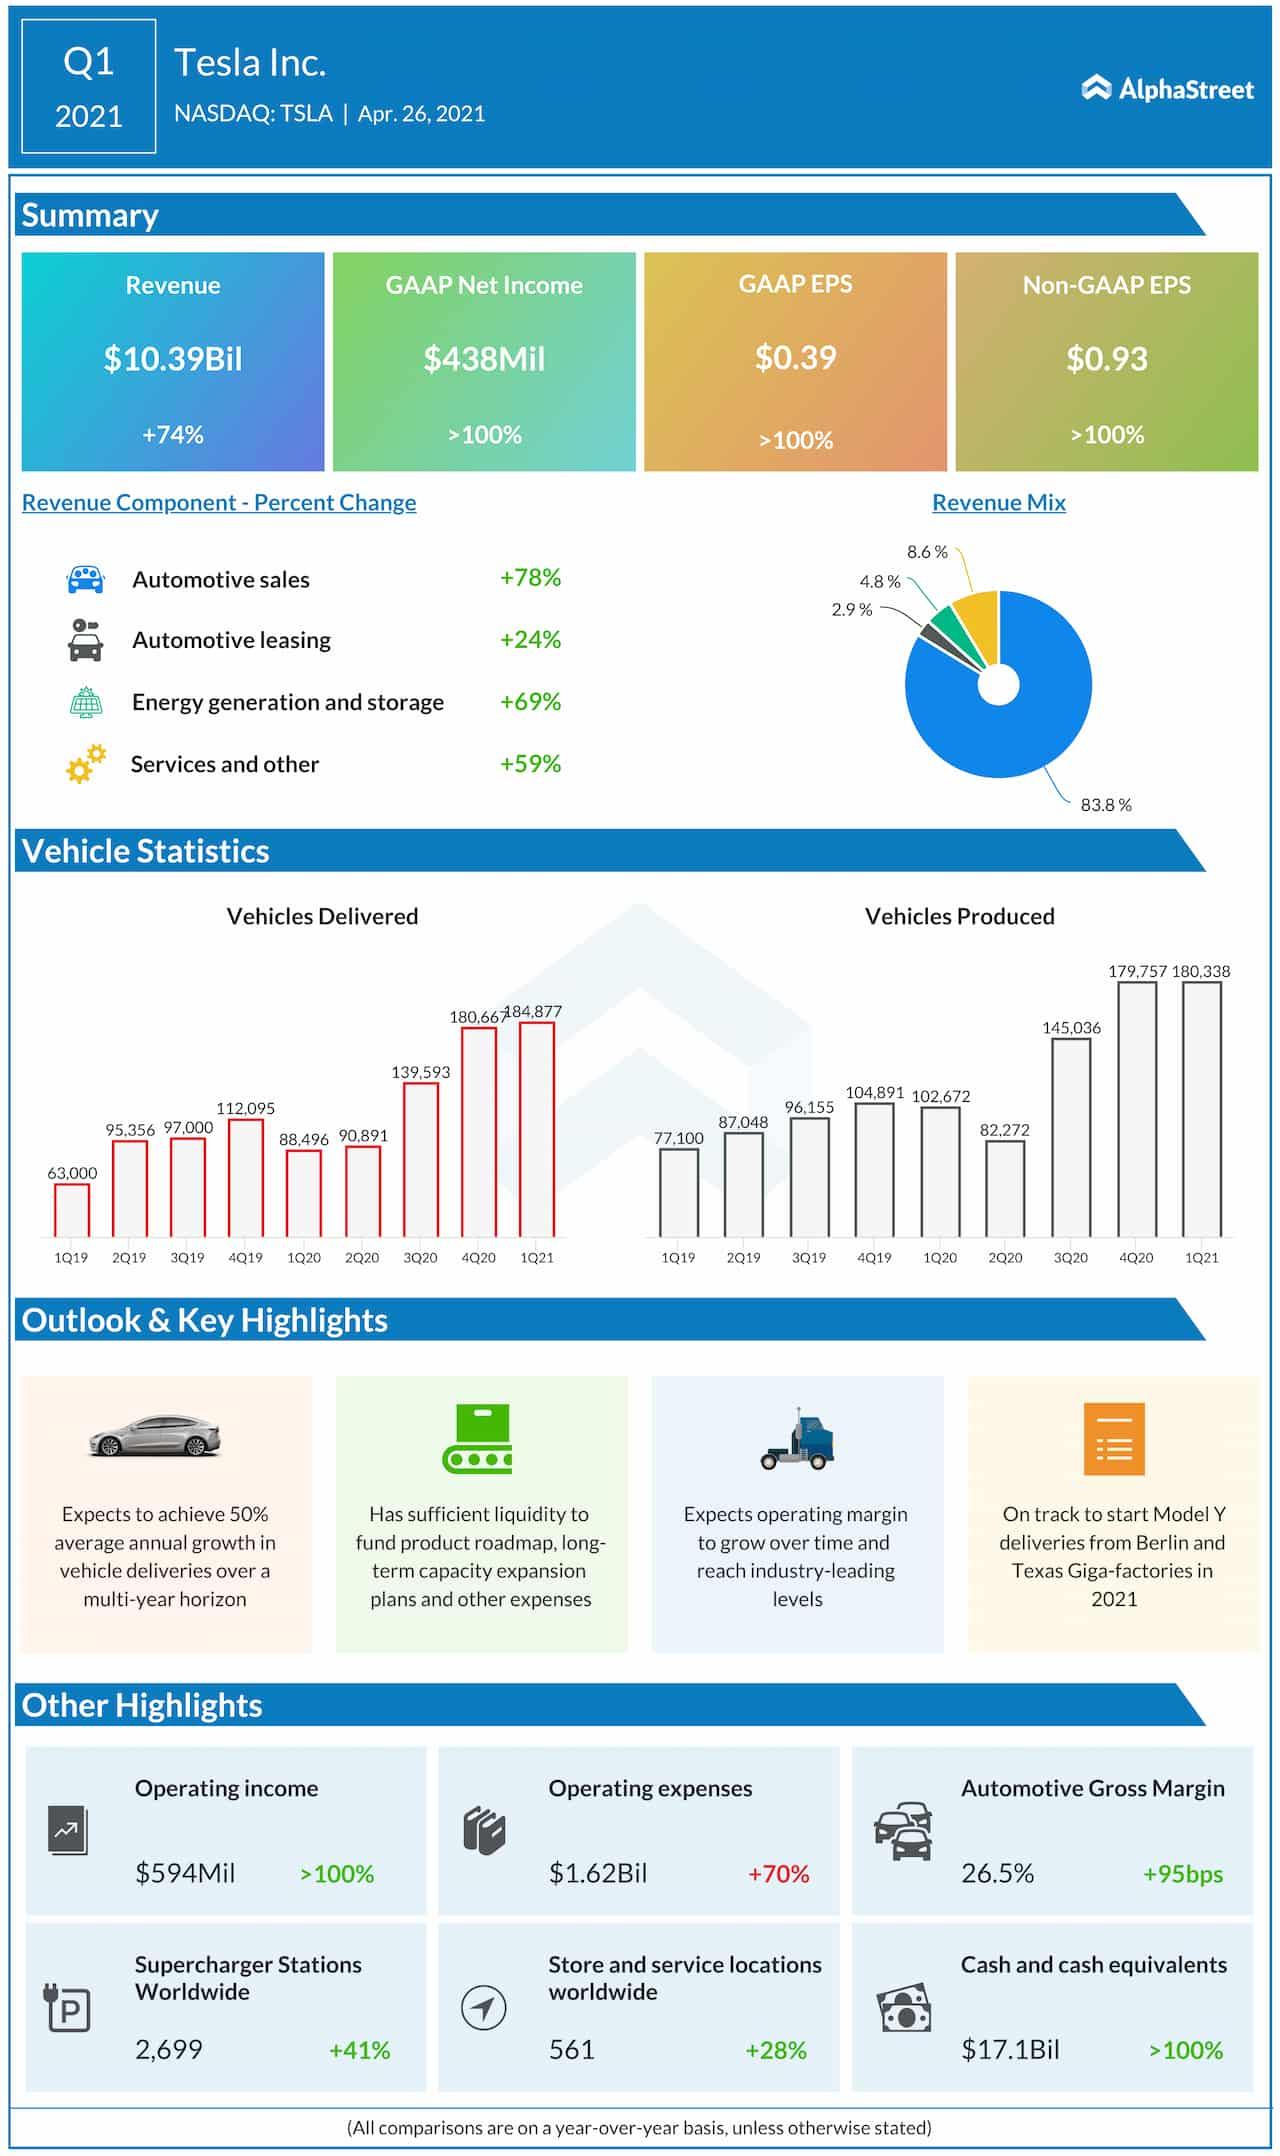 Tesla Q1 2021 earnings infographic